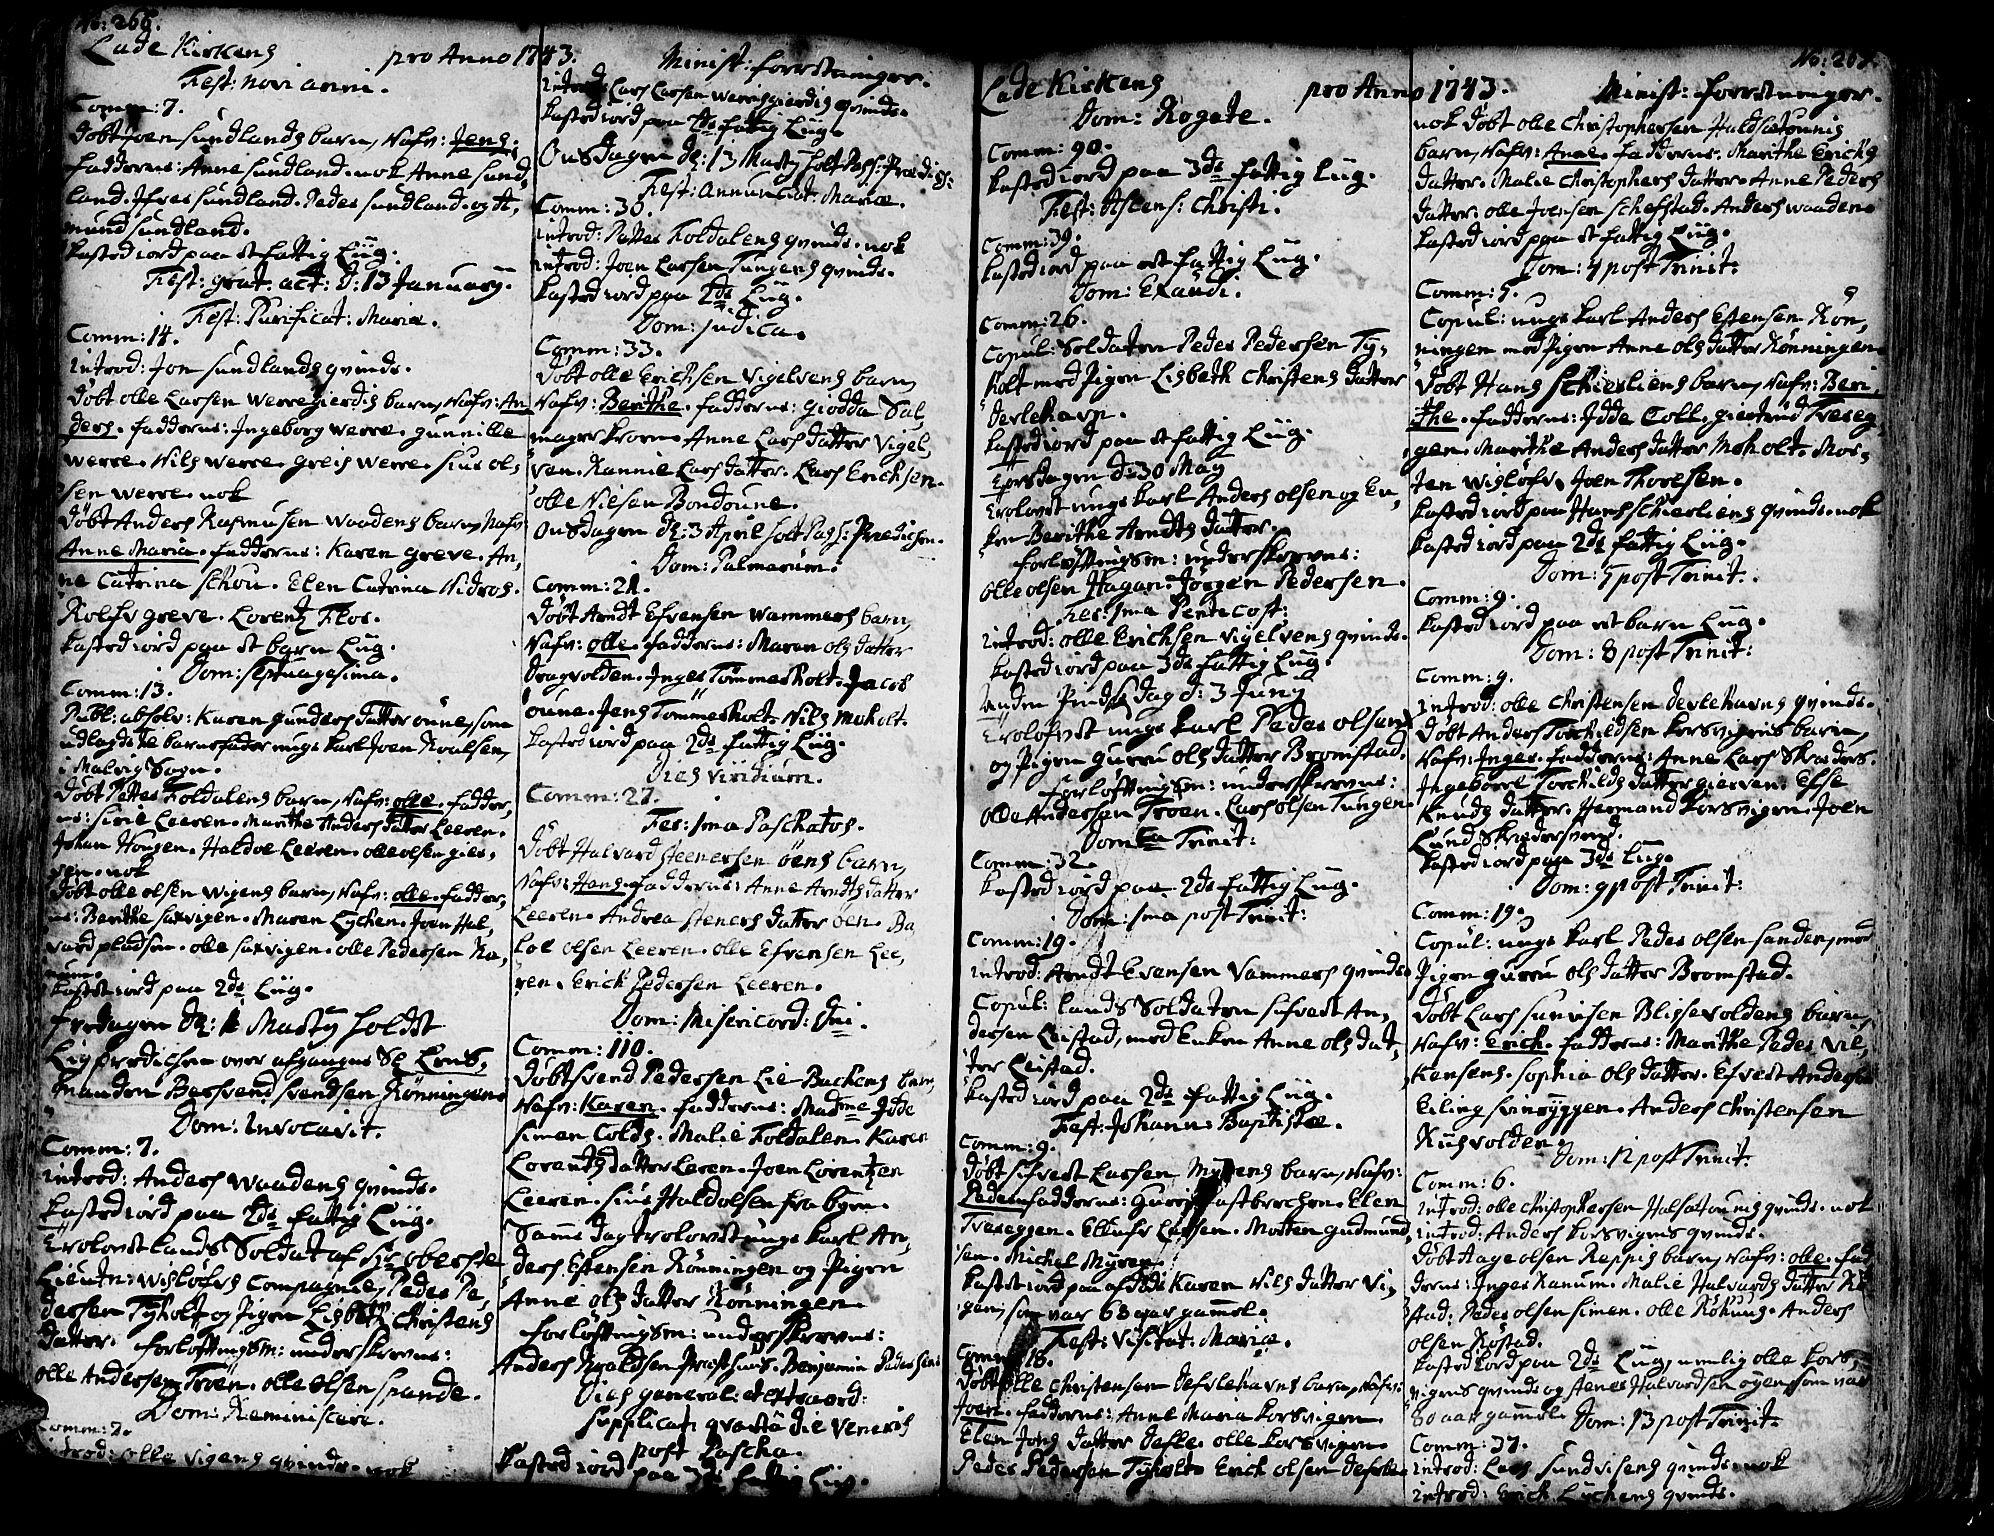 SAT, Ministerialprotokoller, klokkerbøker og fødselsregistre - Sør-Trøndelag, 606/L0275: Ministerialbok nr. 606A01 /1, 1727-1780, s. 266-267